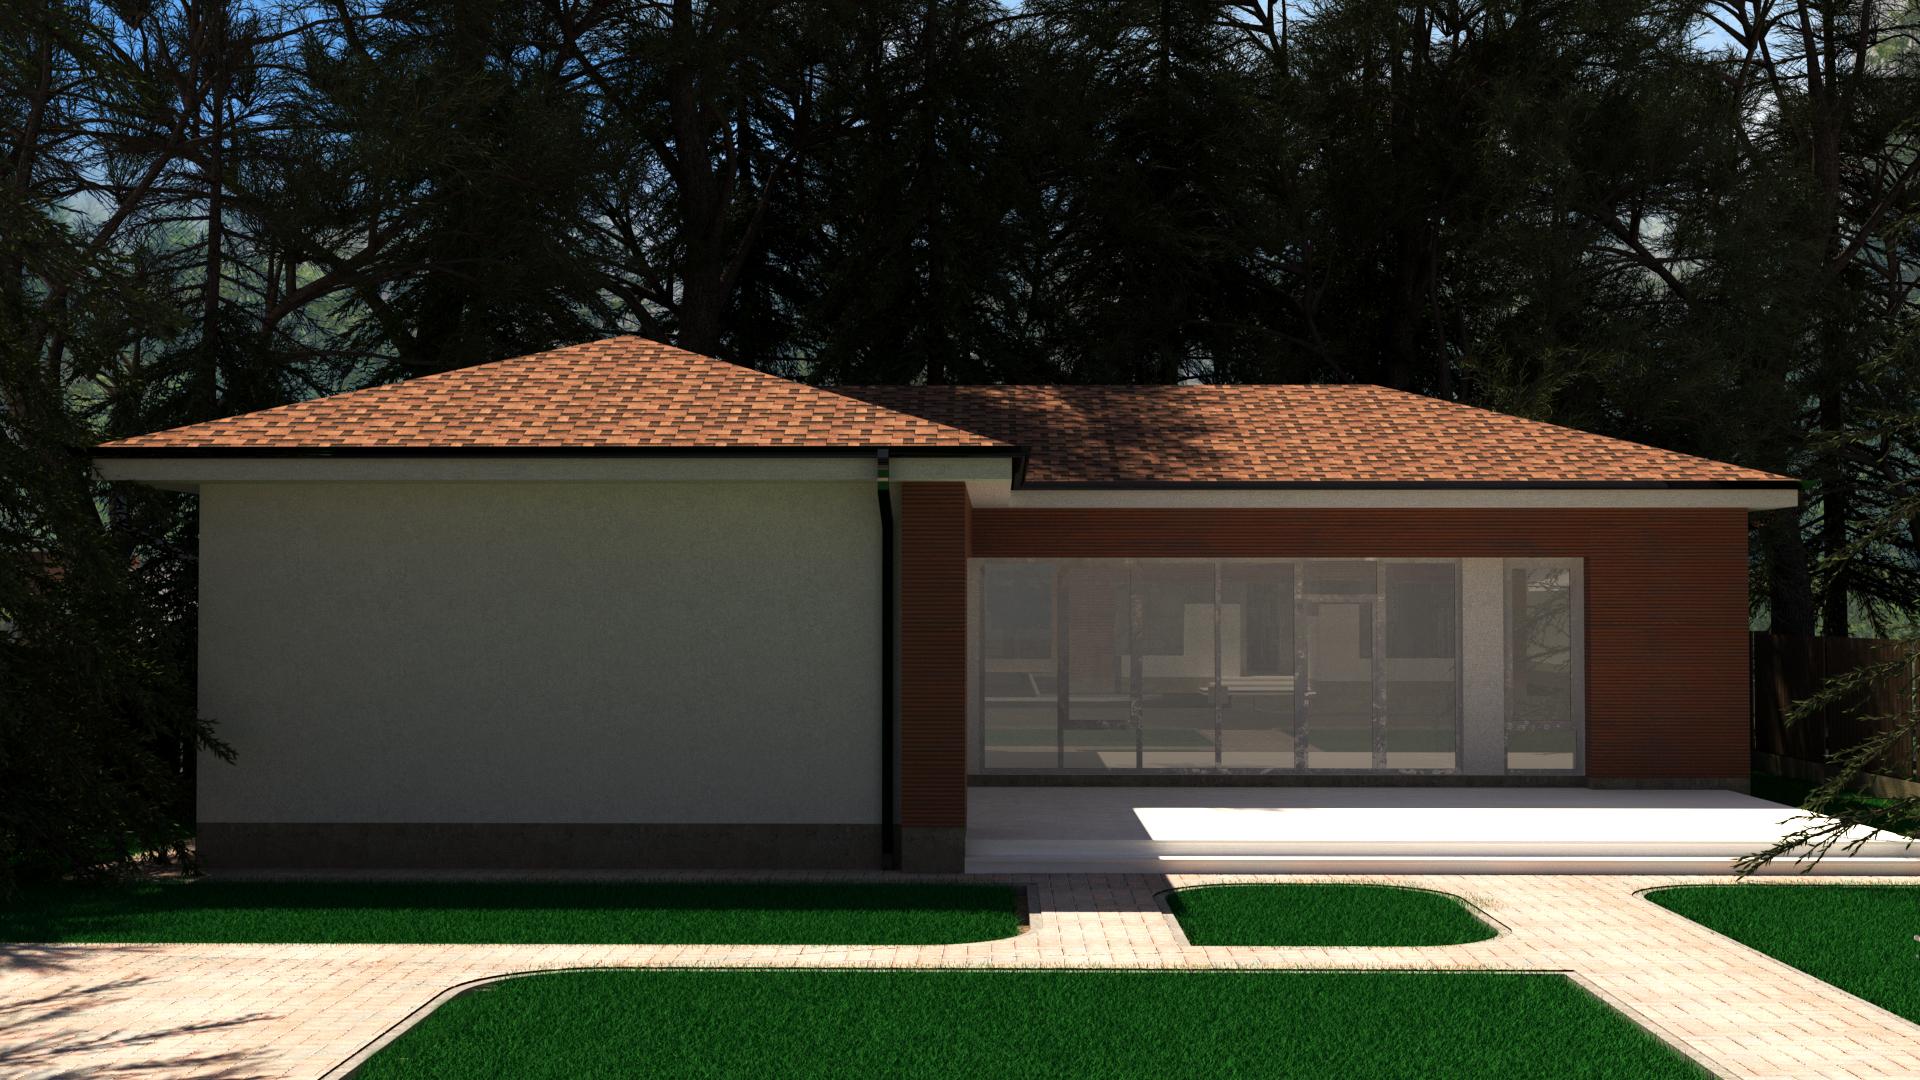 Адаптивный landing page ВитаПарк - продажа элитной недвижимости